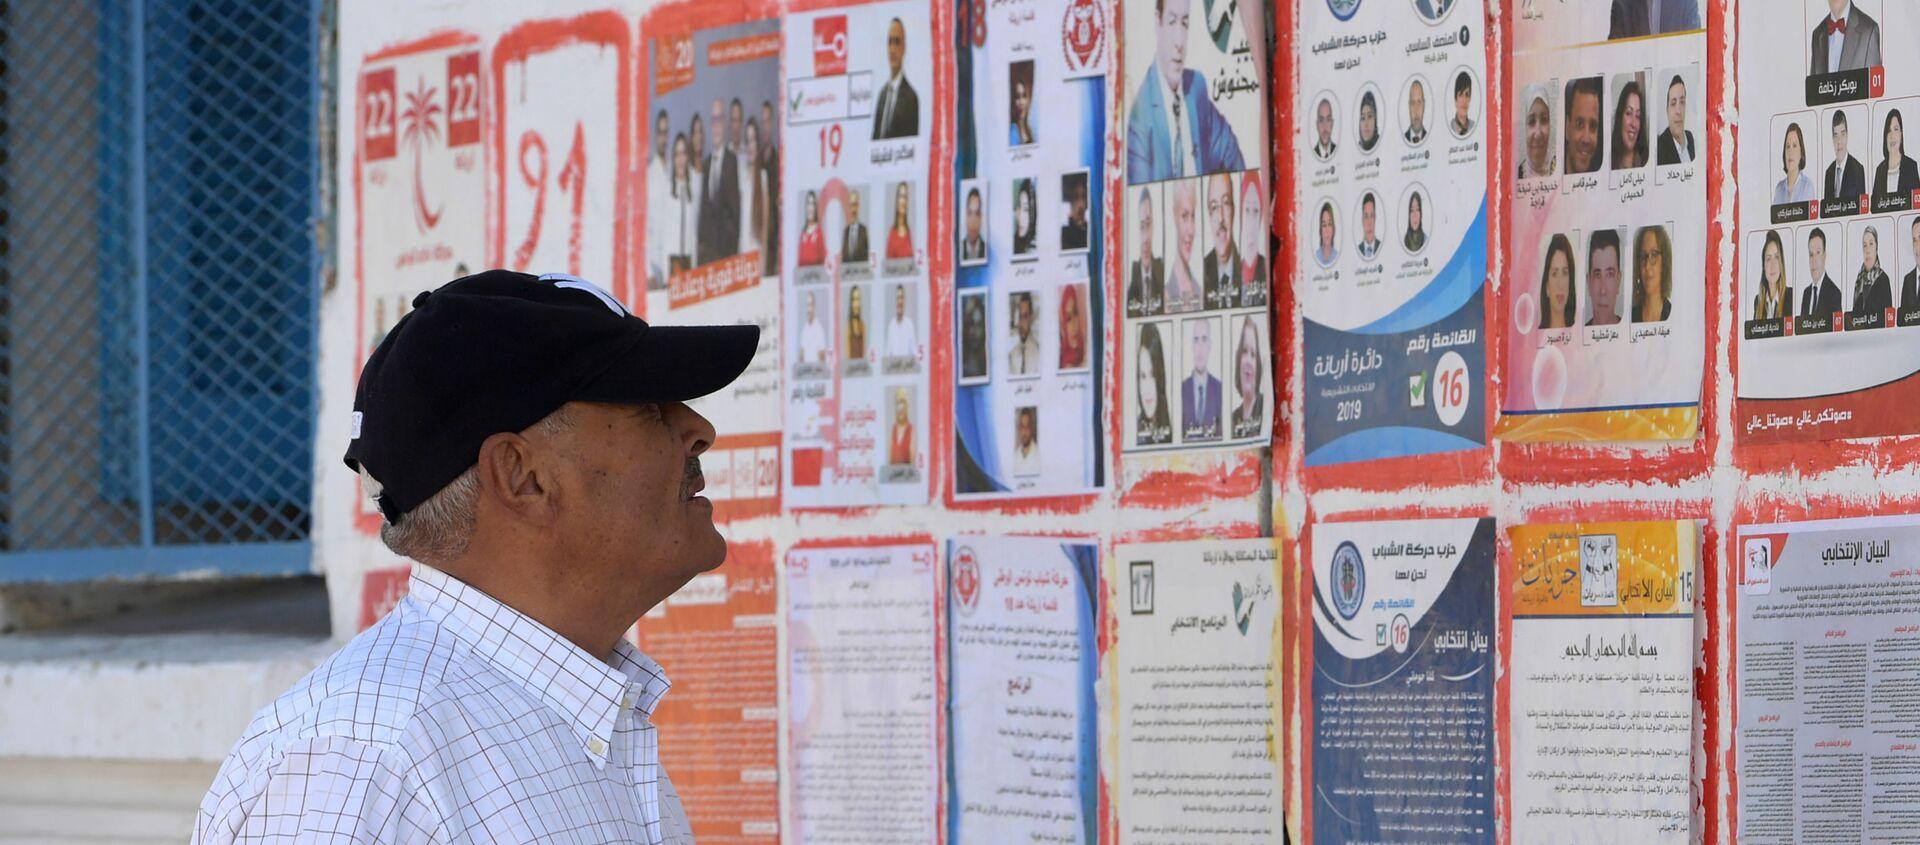 Un Tunisien devant les affiches des différents candidats aux législatives tunisiennes - Sputnik France, 1920, 18.10.2019